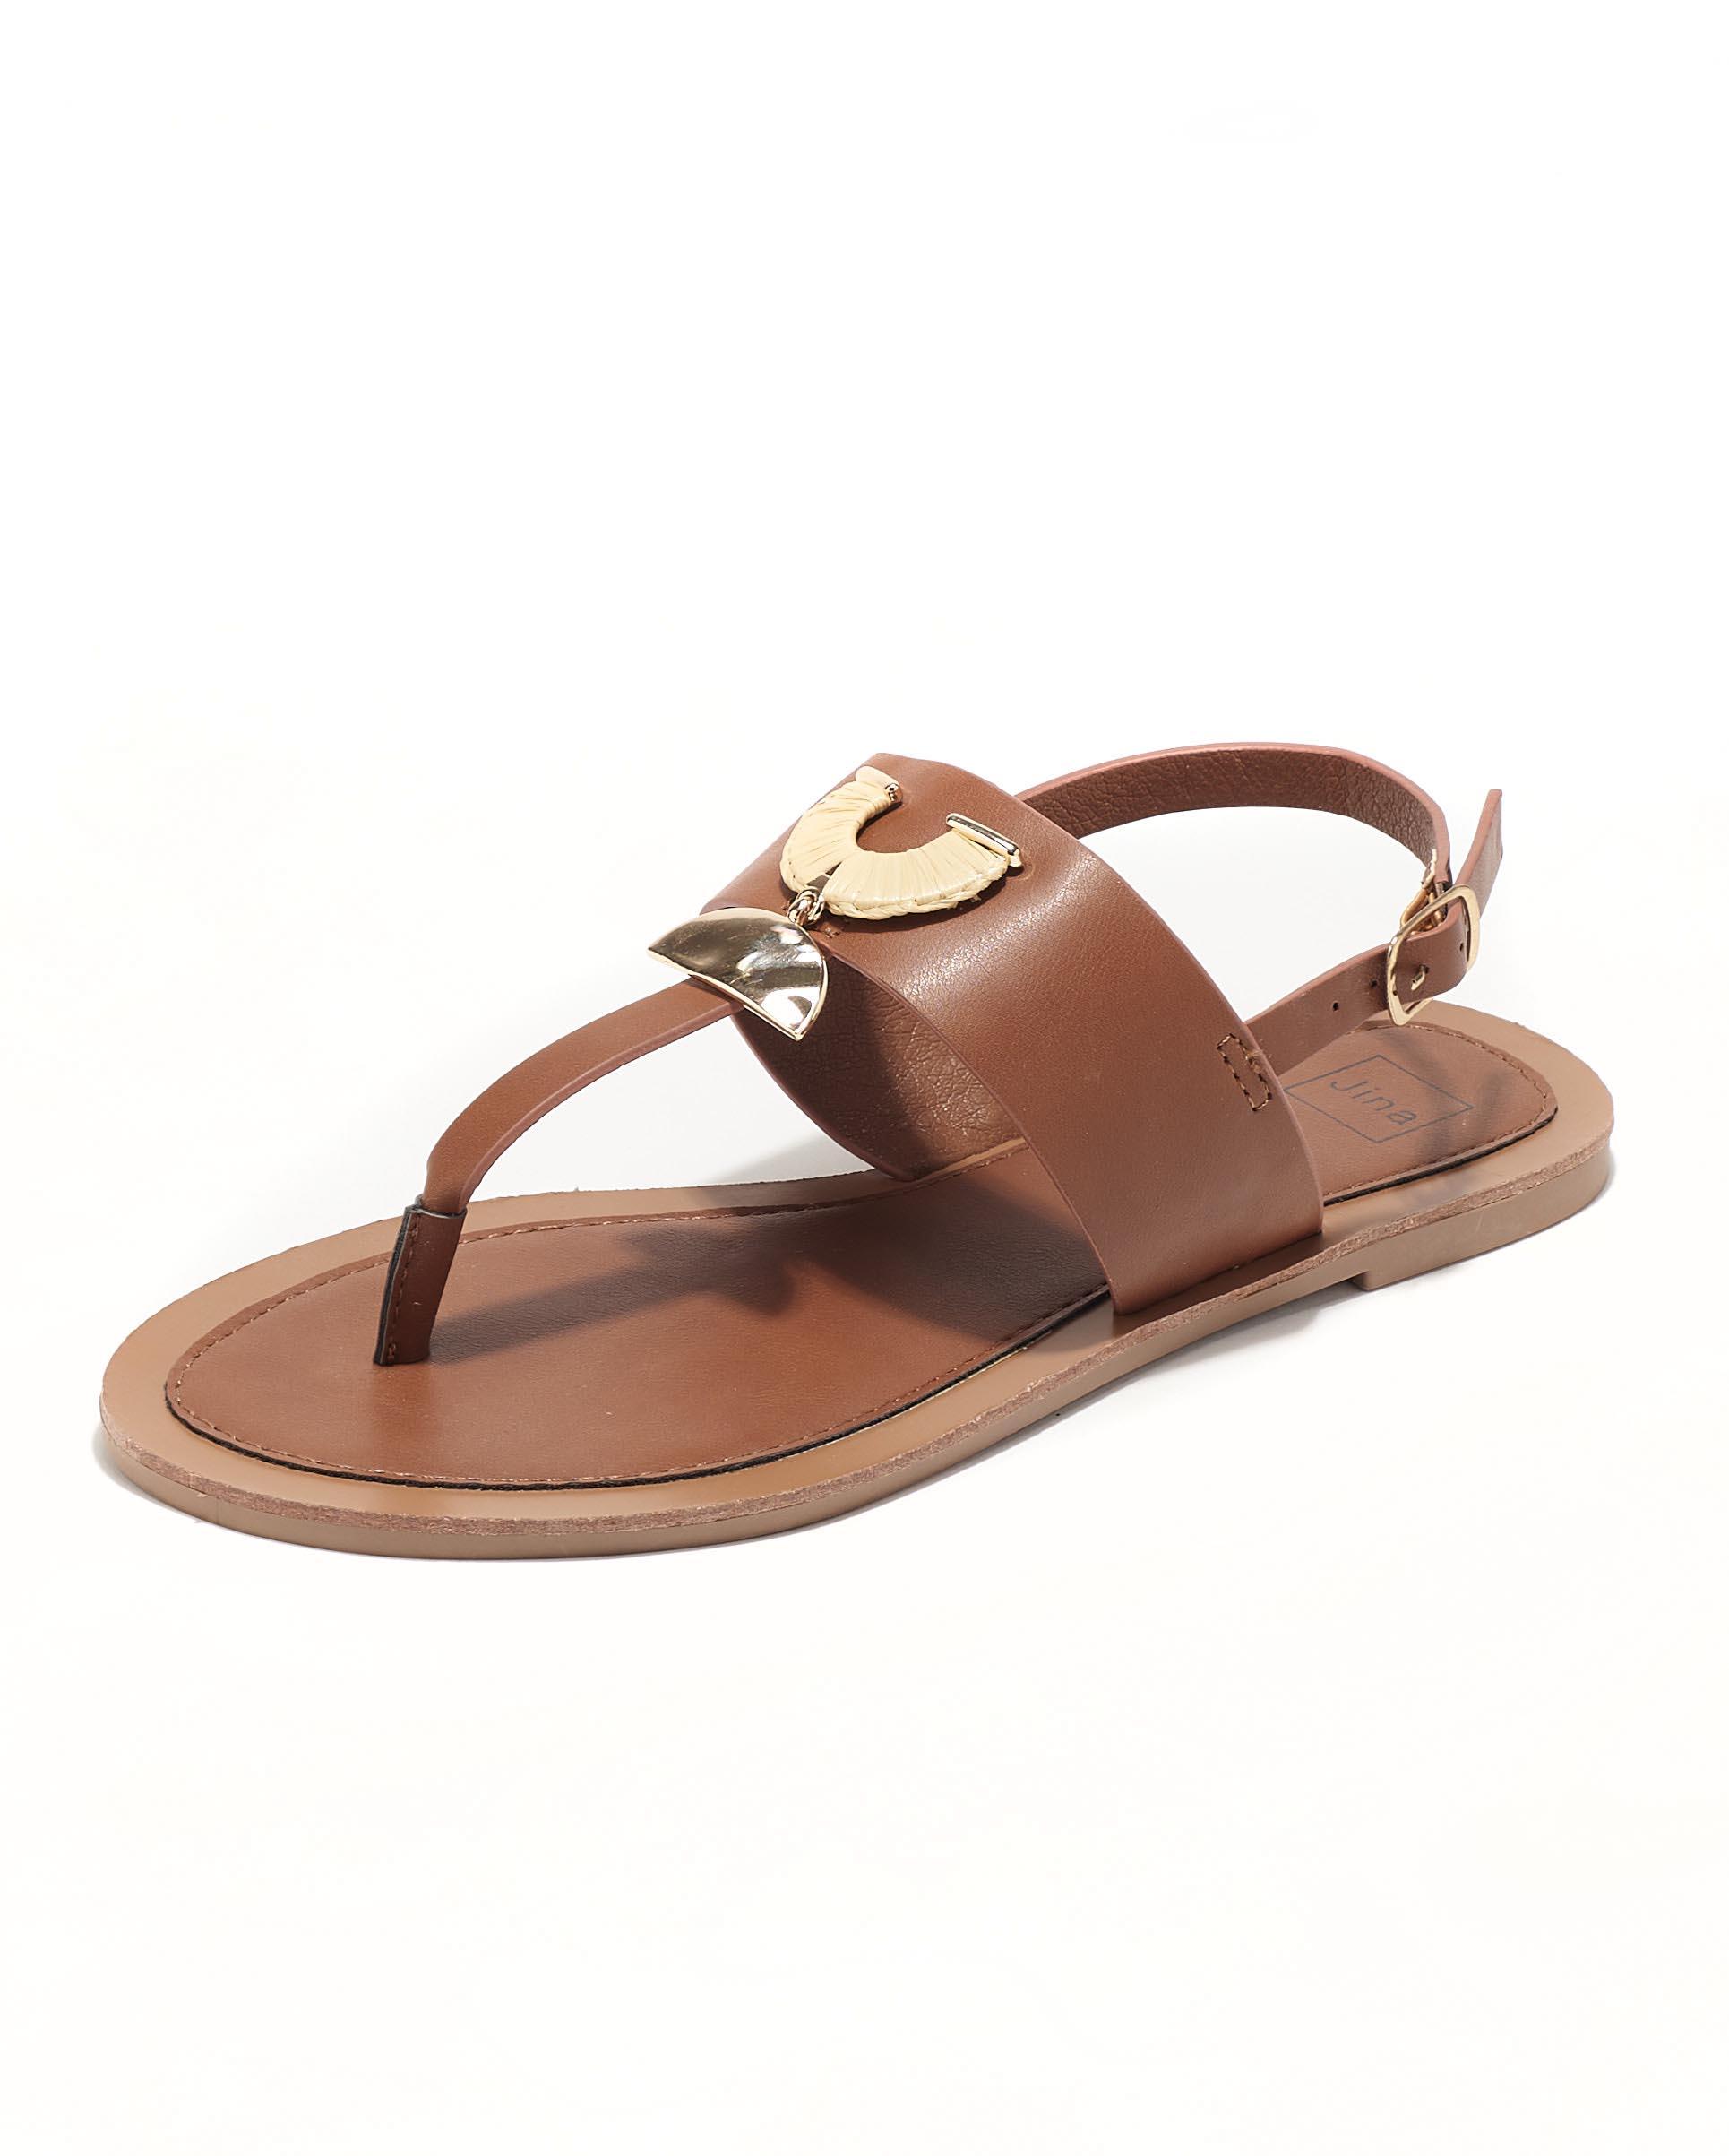 Sandales Plates Femme - Sandale Plate Camel Jina - Fs072548